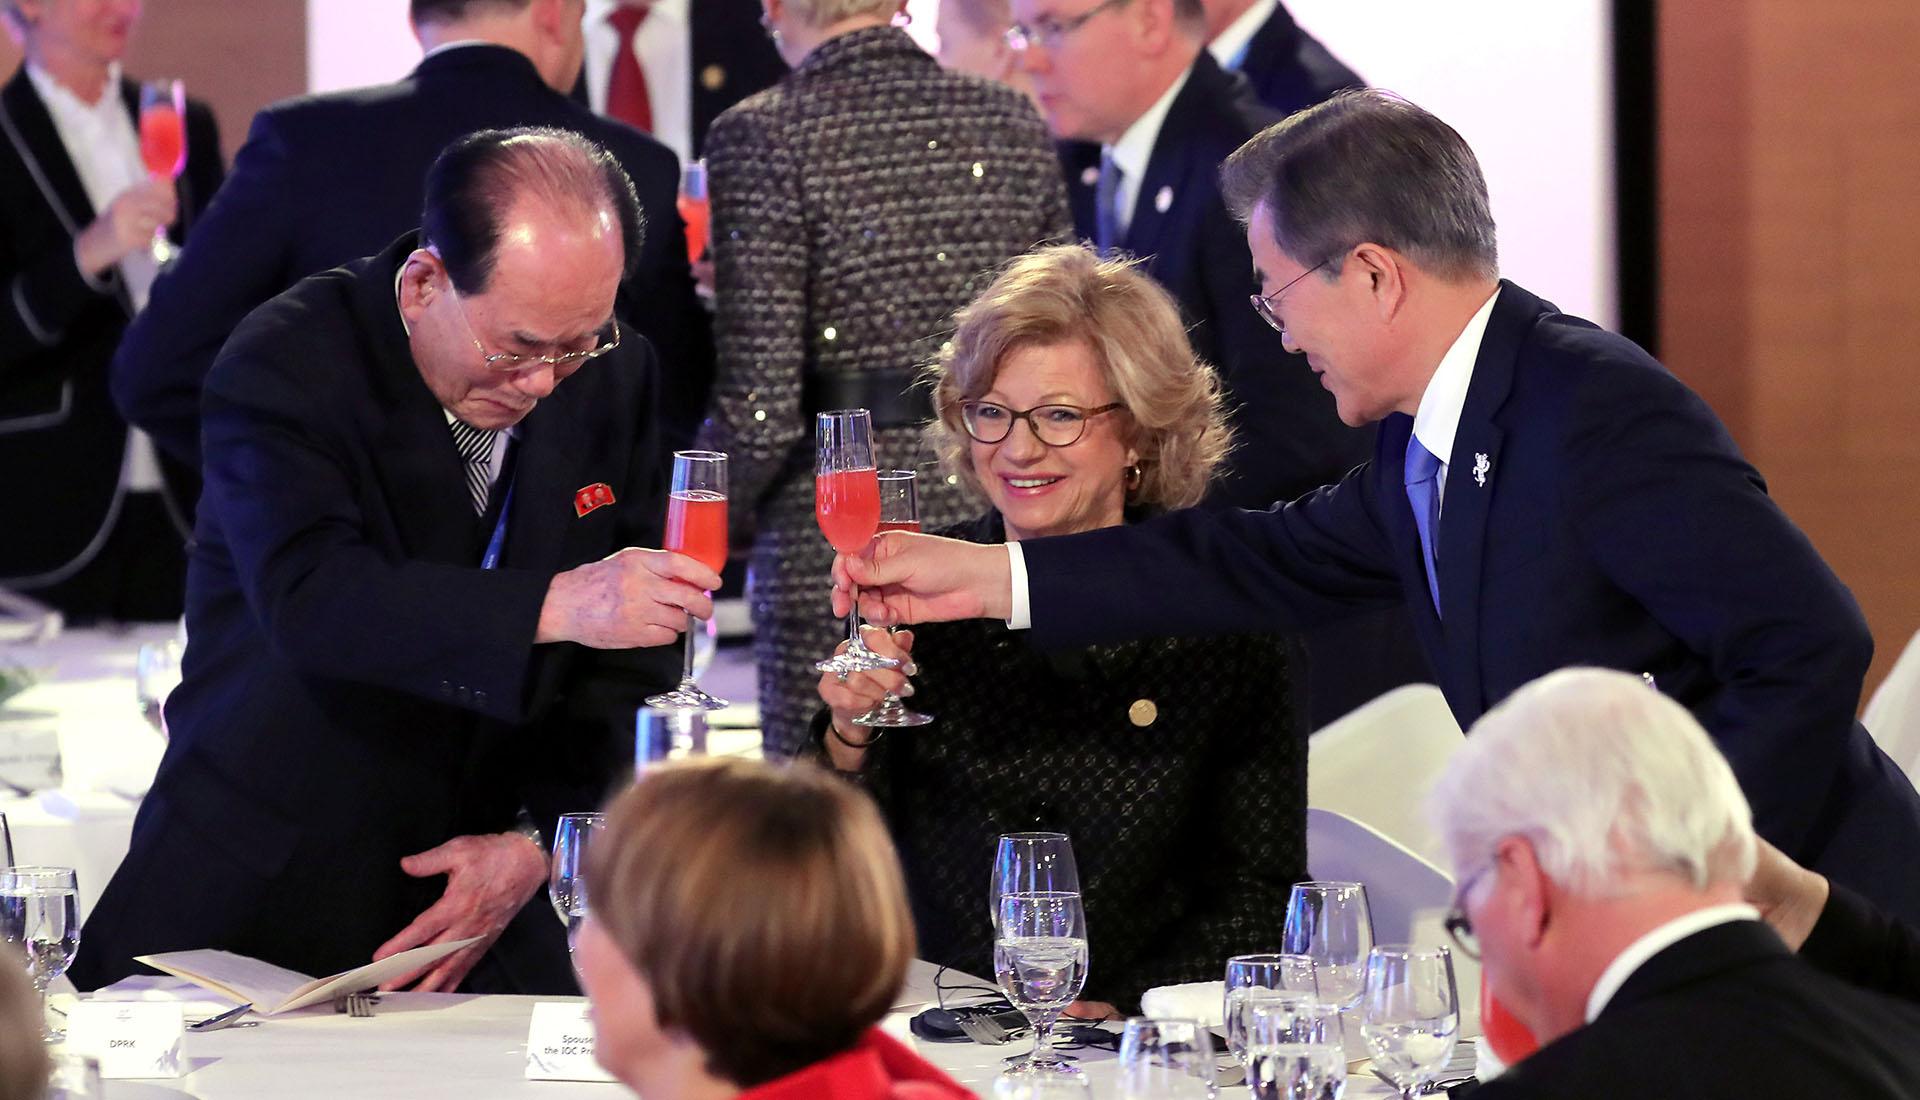 Brindis por la paz. El presidente Moon Jae-in choca su copa con la de Kim Yong Nam, presidente de la Asamblea Suprema del Pueblo de Corea del Norte en la inauguración de los Juegos Olímpciso de Invierno